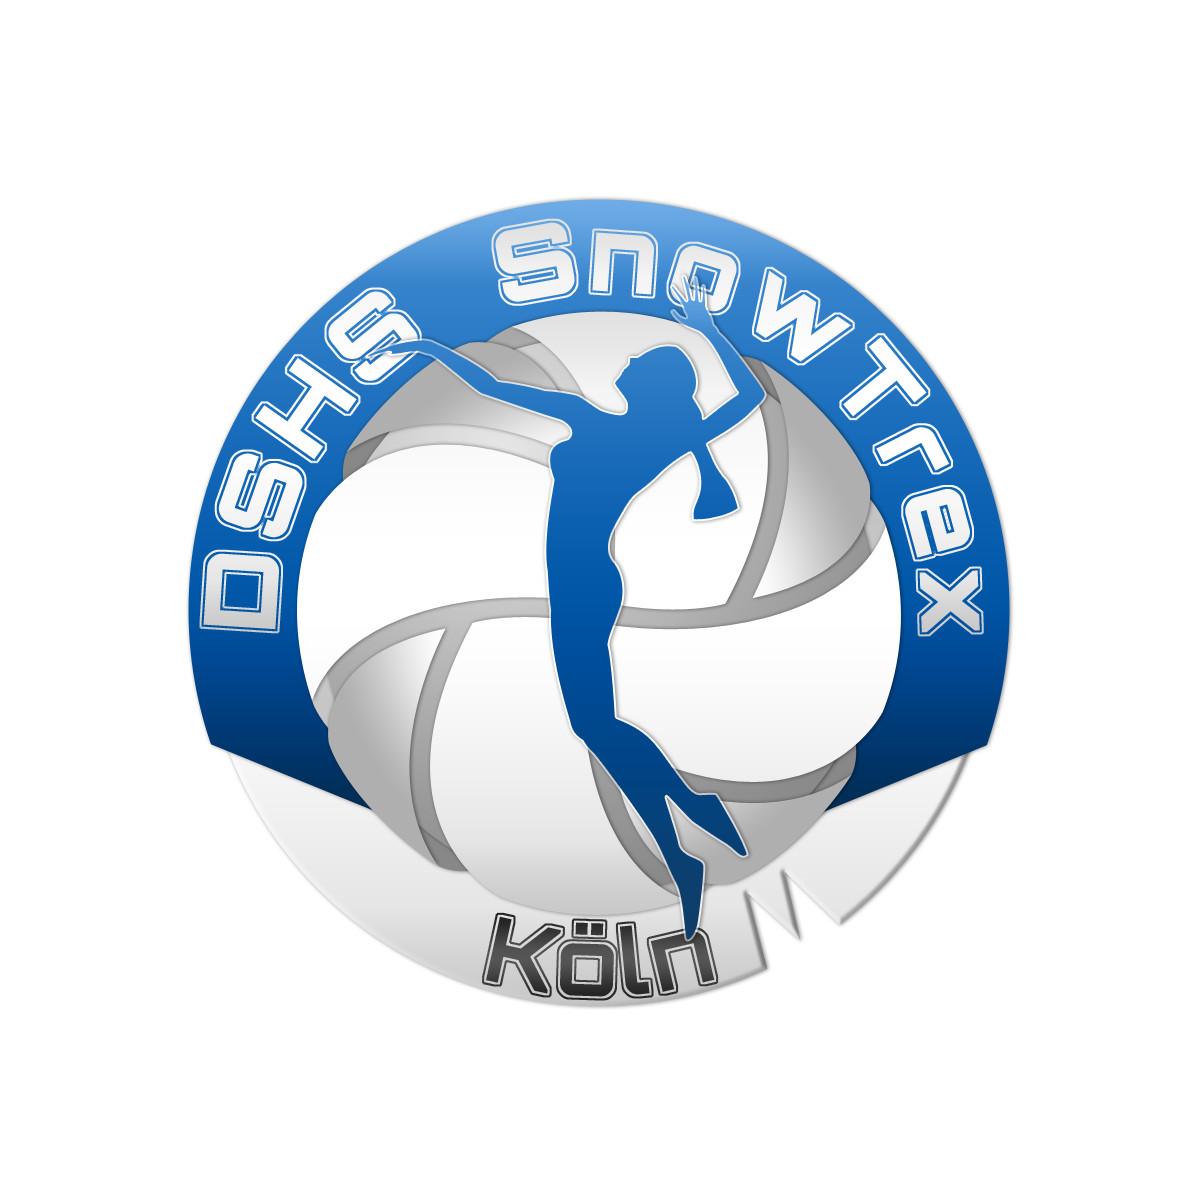 DSHS SnowTrex Köln Logo.jpg